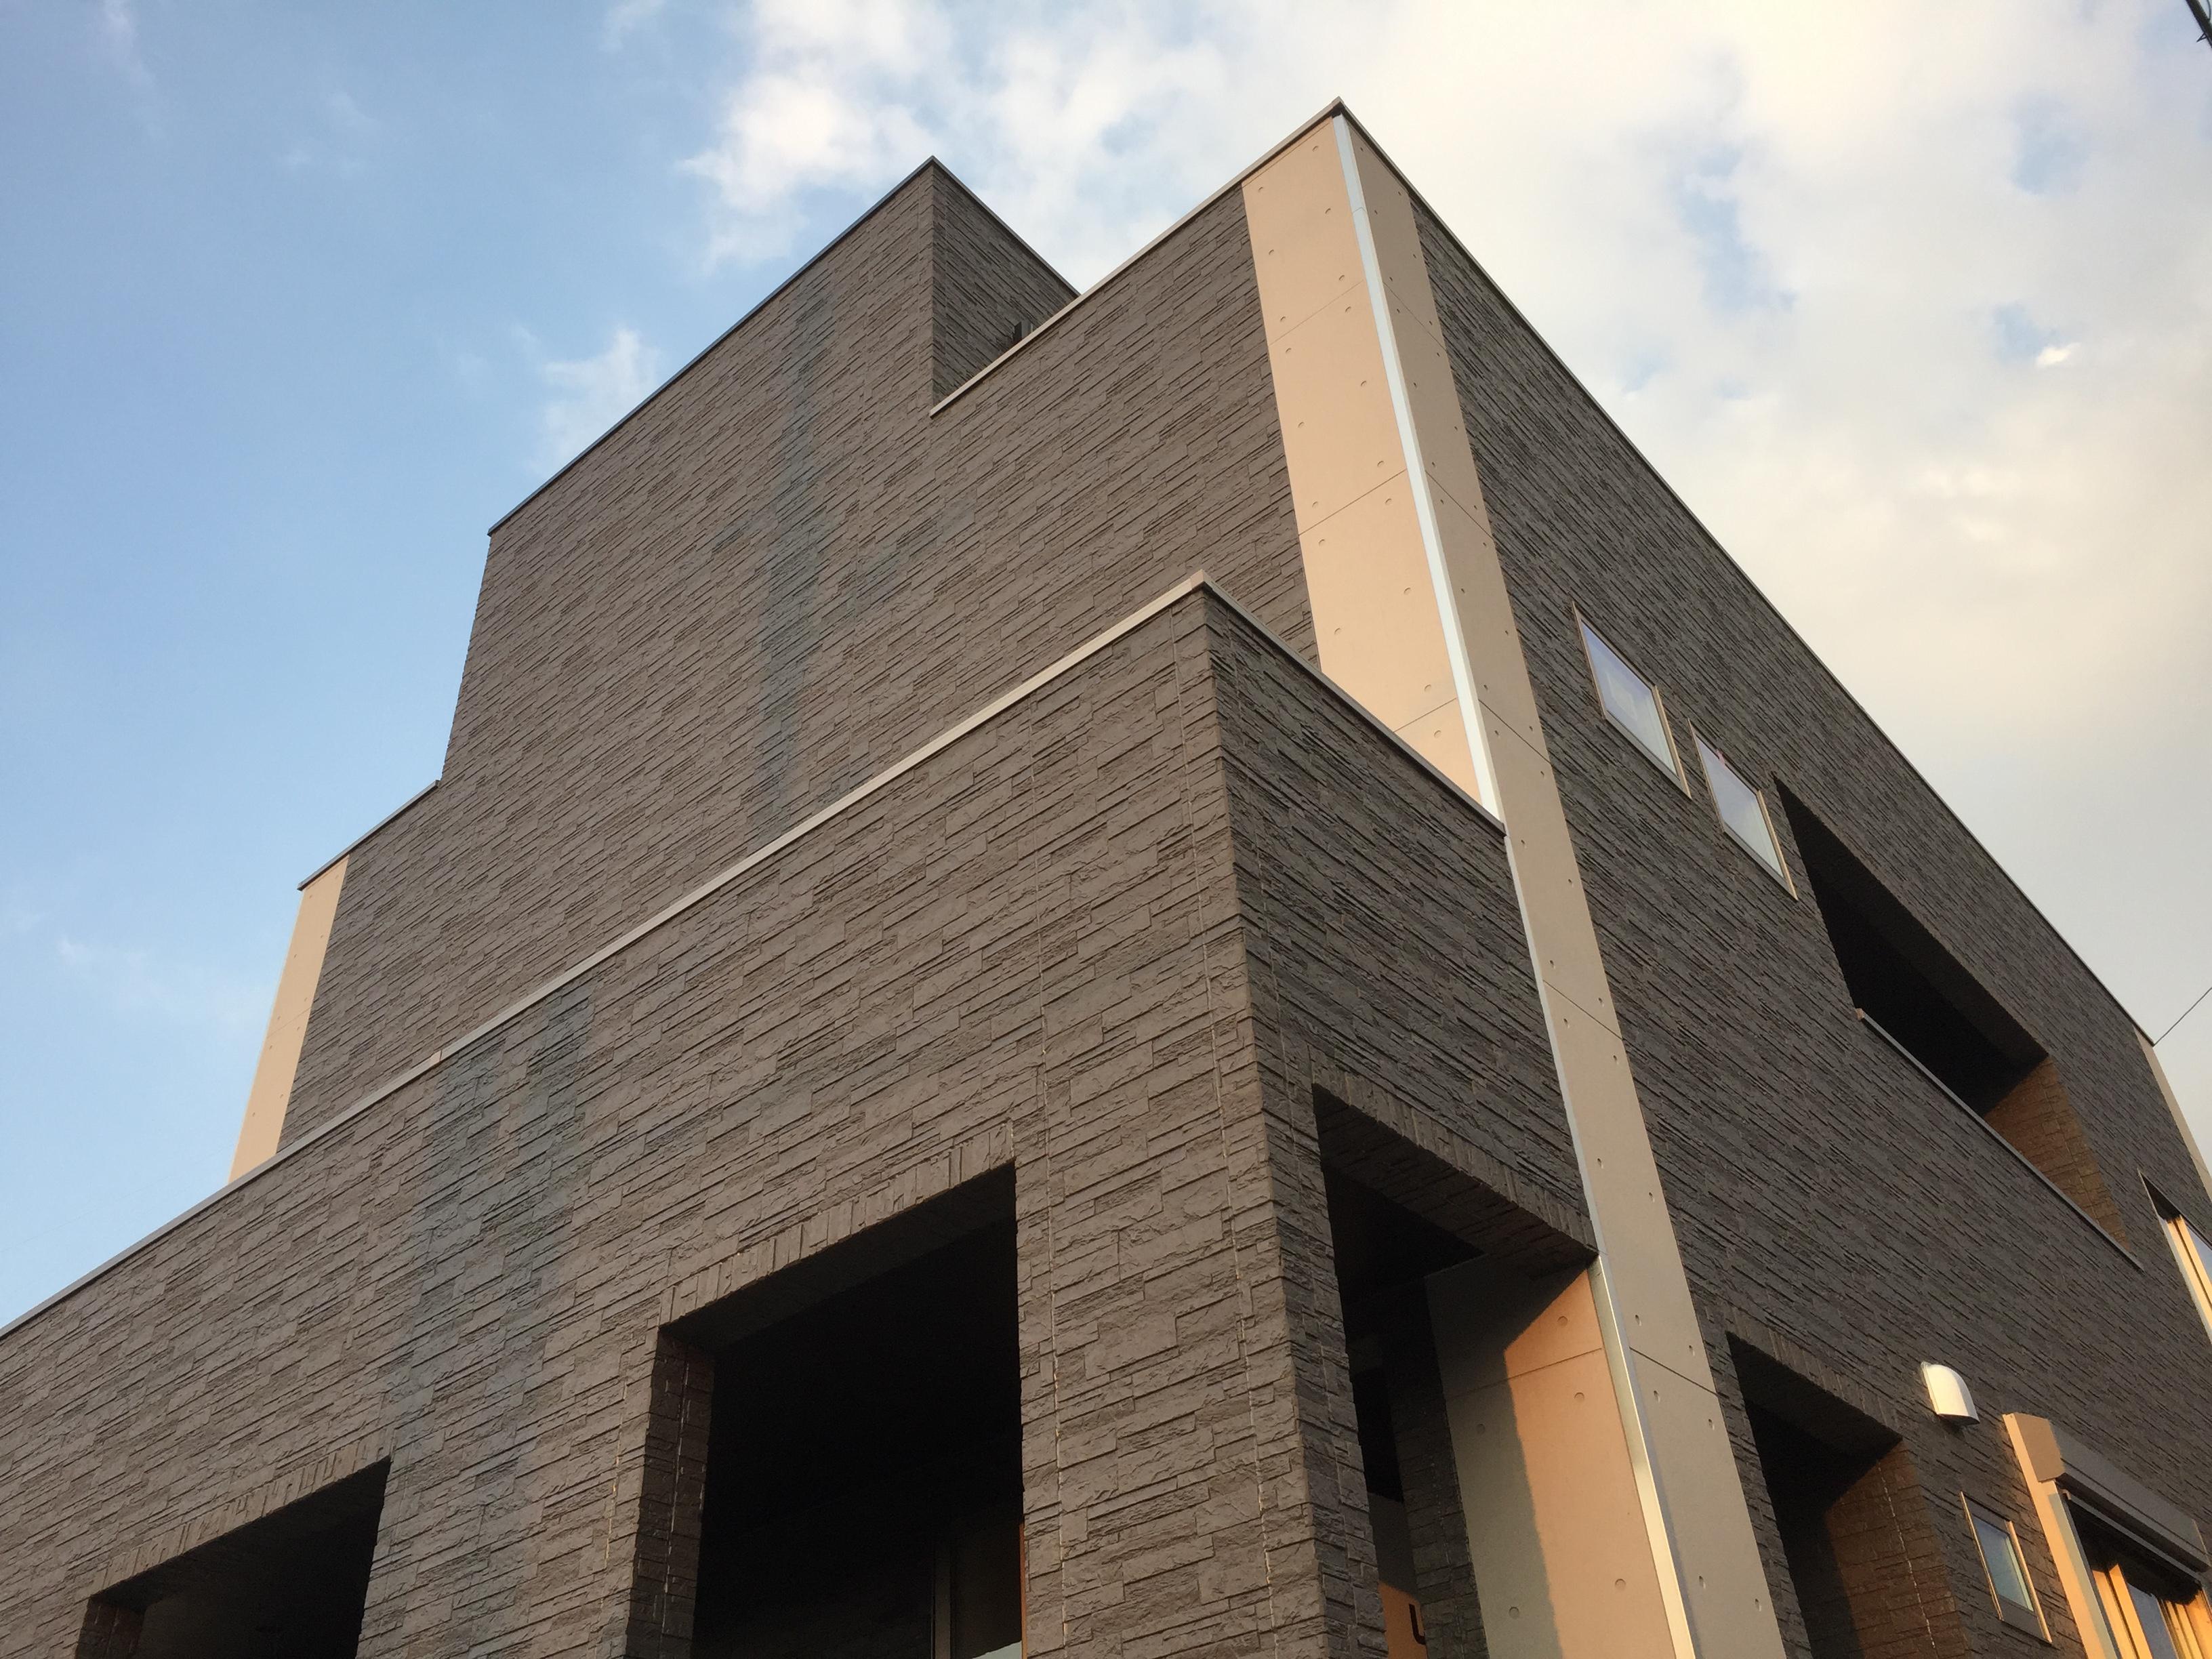 四国中央市で高級住宅の壁写真